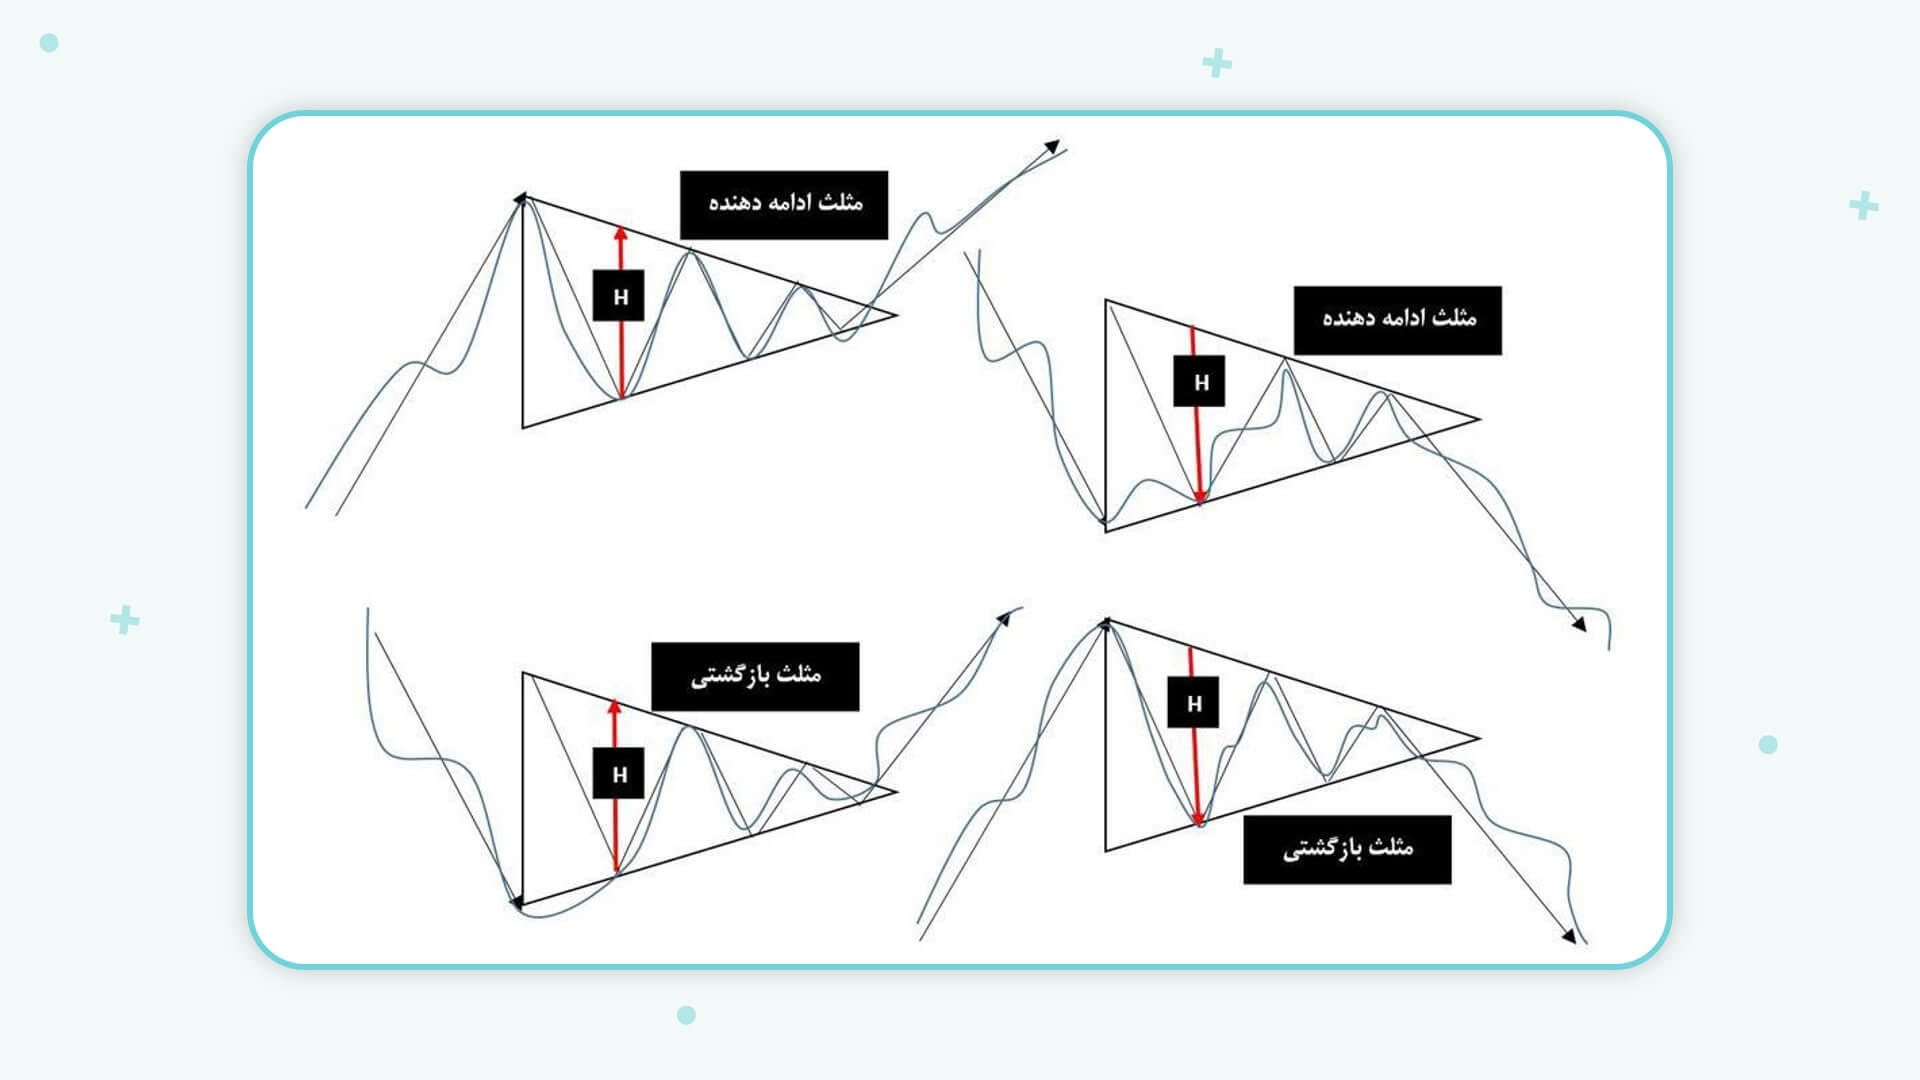 الگوهای کلاسیک: الگوی مثلث